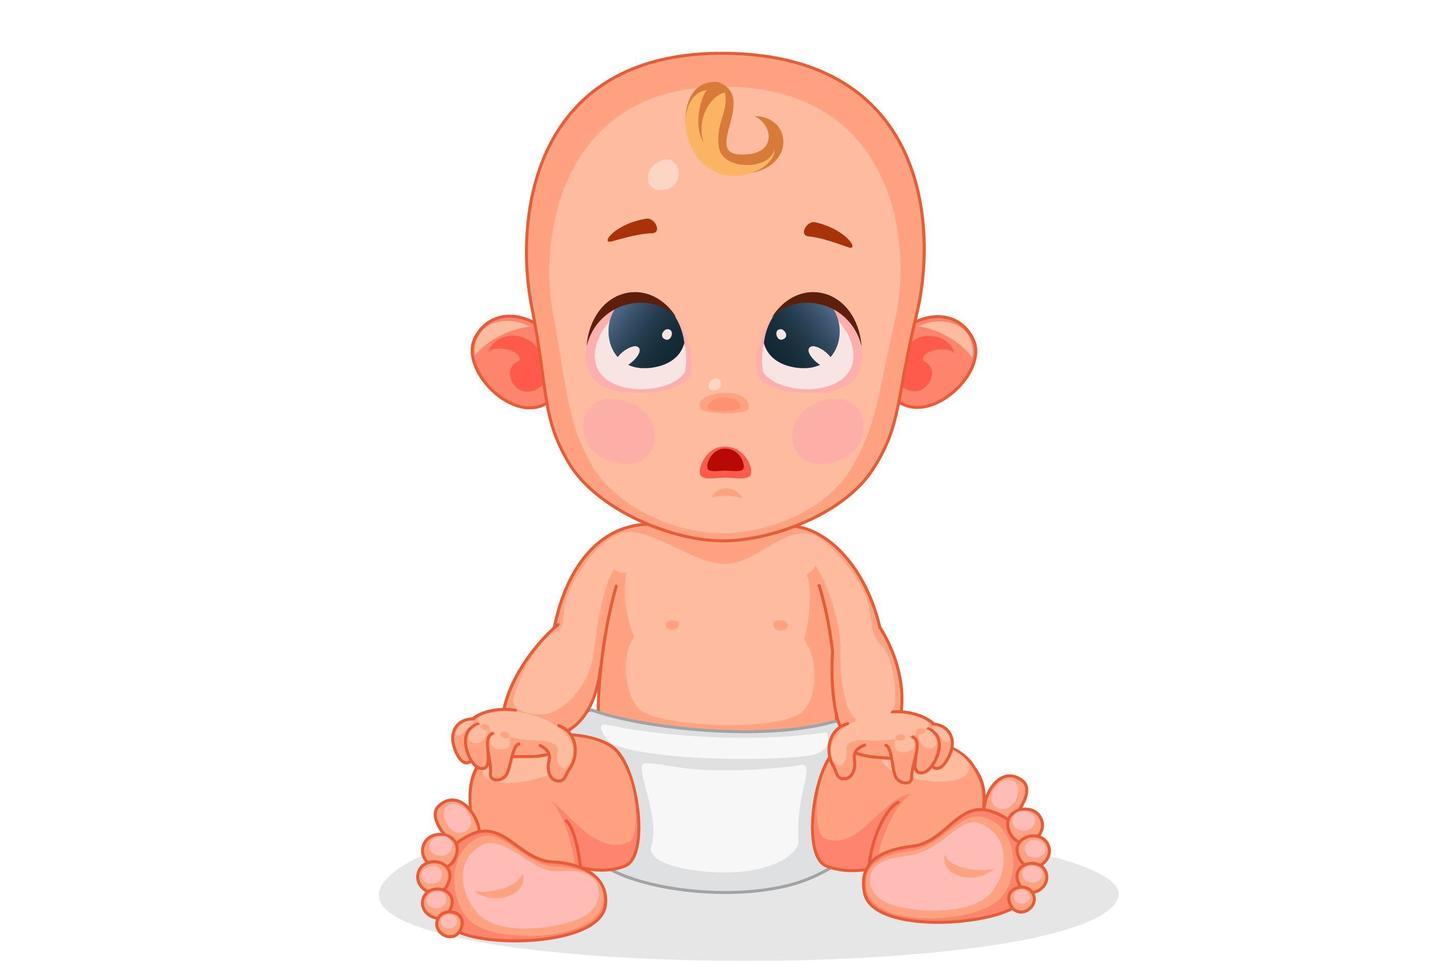 bebê fofo com expressão diferente vetor